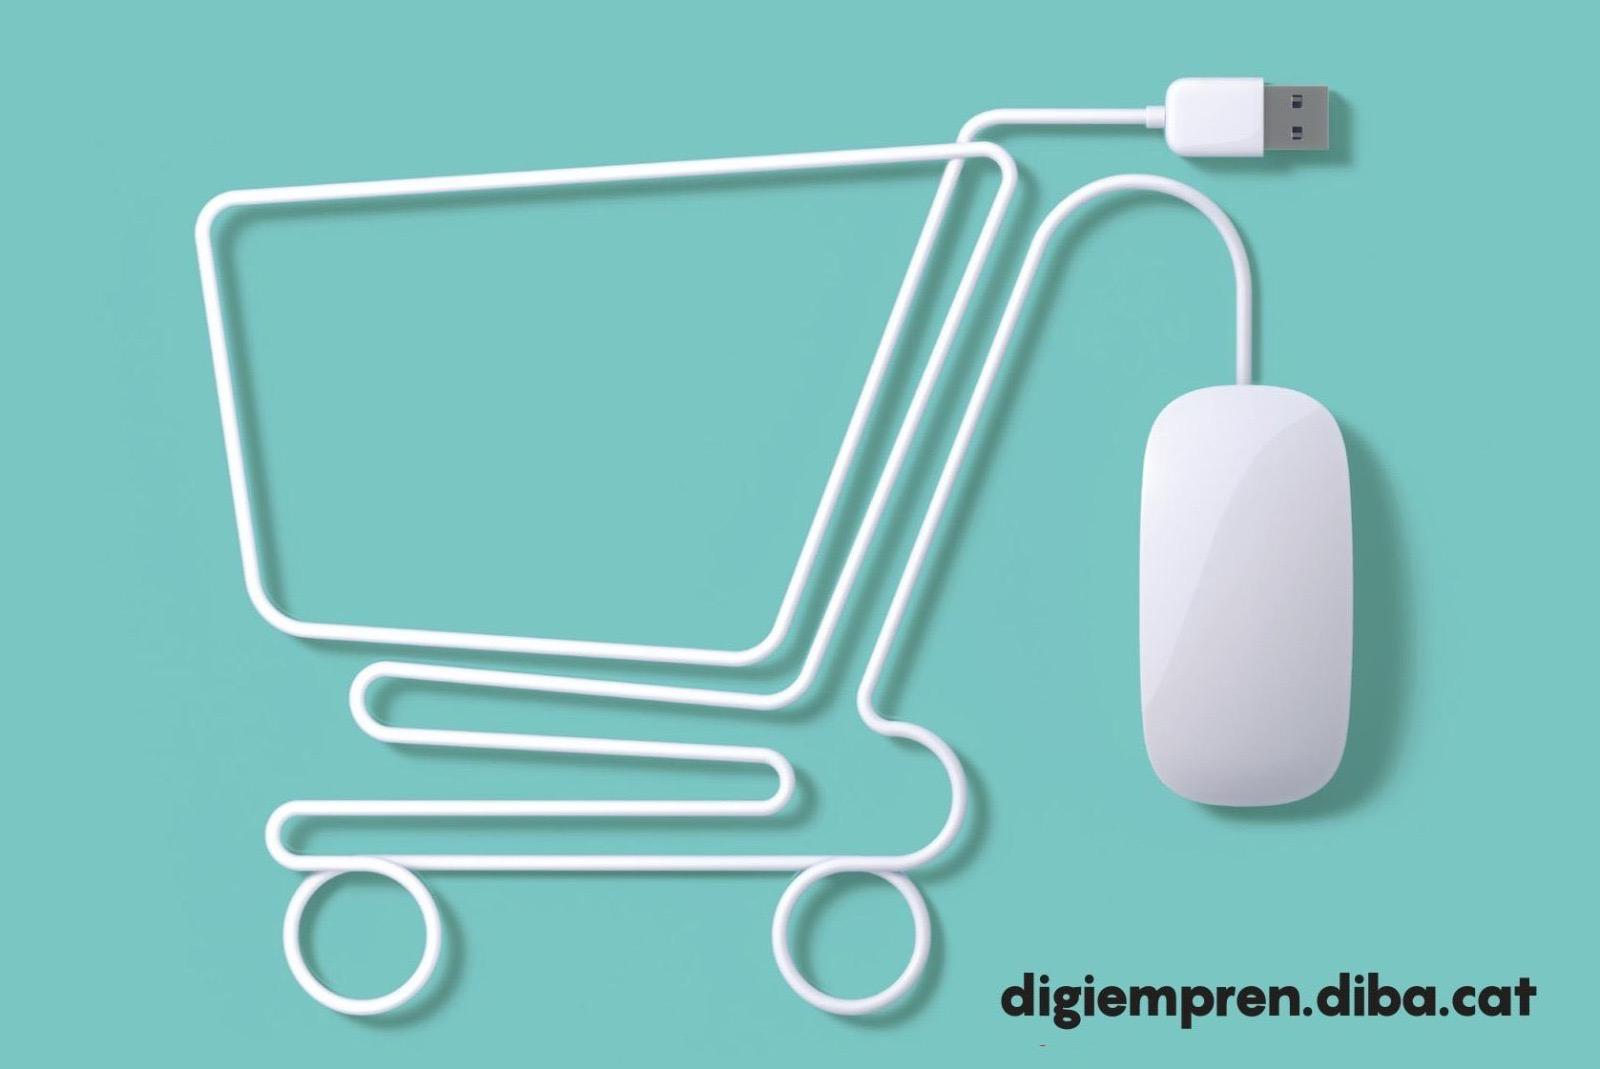 Imatge de la plataforma Digiemprèn